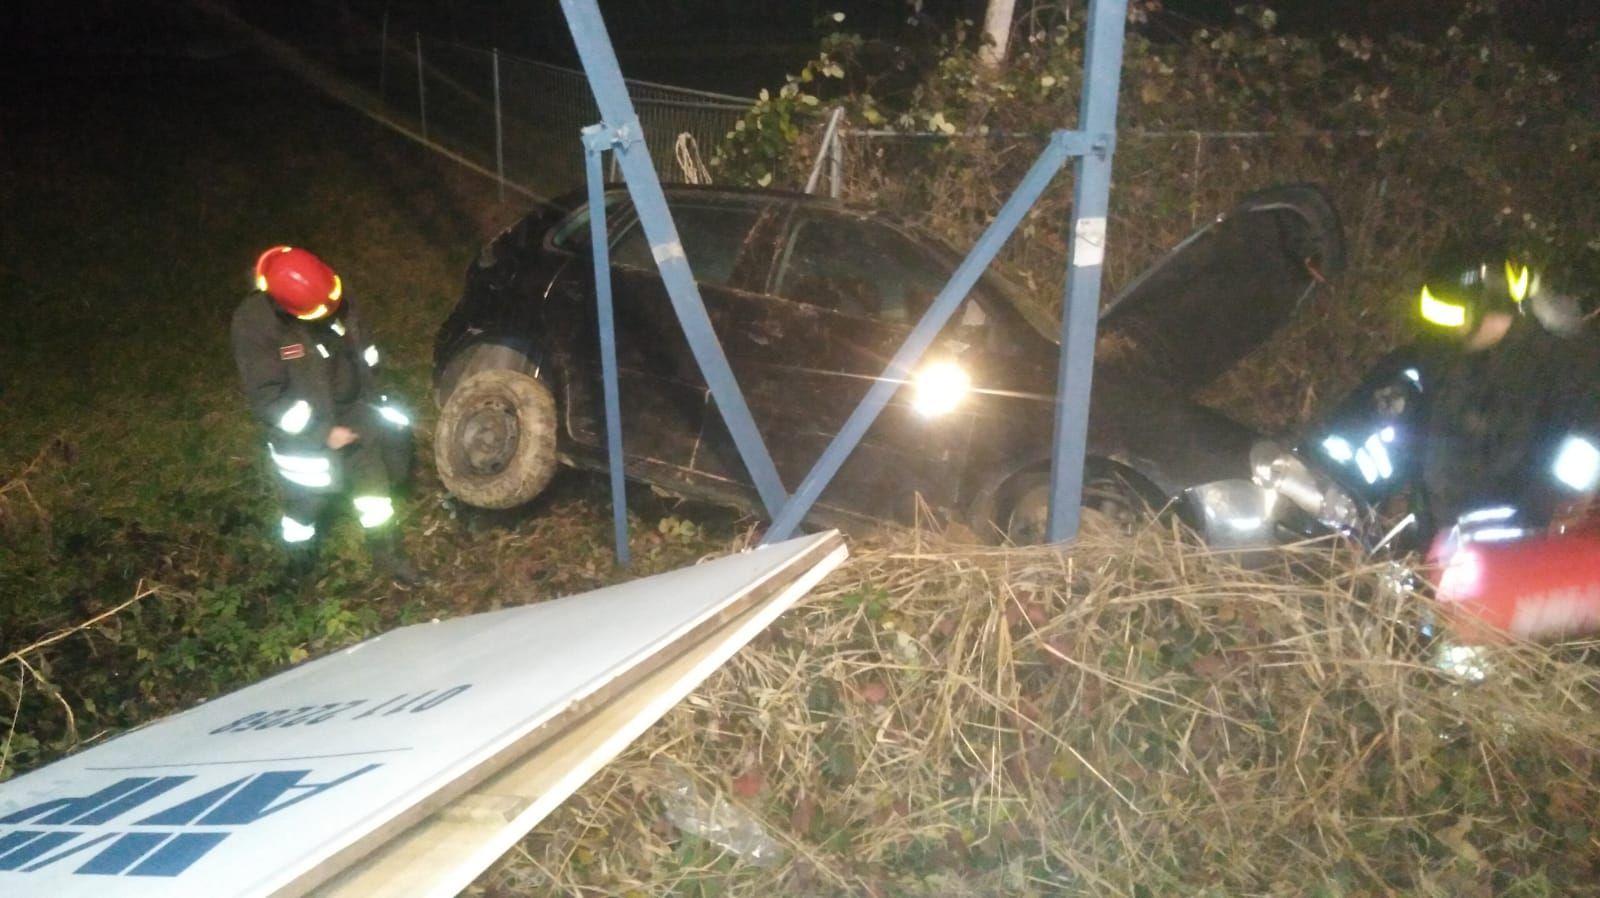 CASTELLAMONTE - Incidente stradale a Spineto, ragazza ferita